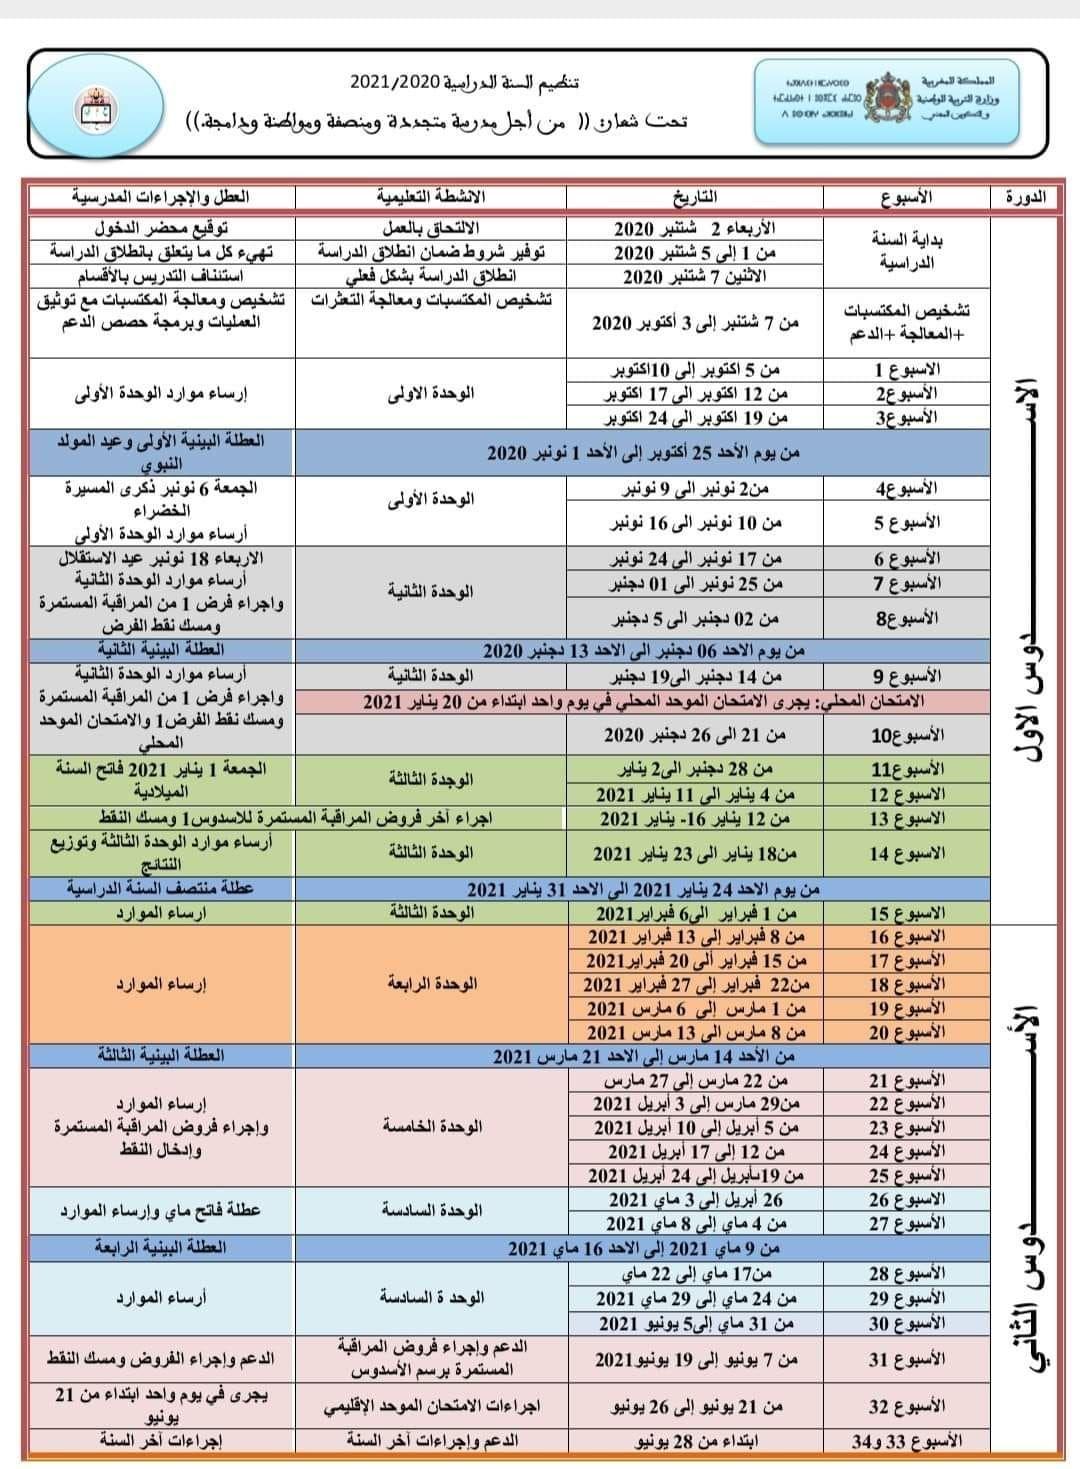 محبر العلم تنظيم السنة الدراسية حسب المقرر الوزاري 2020 2021 Periodic Table Map Map Screenshot